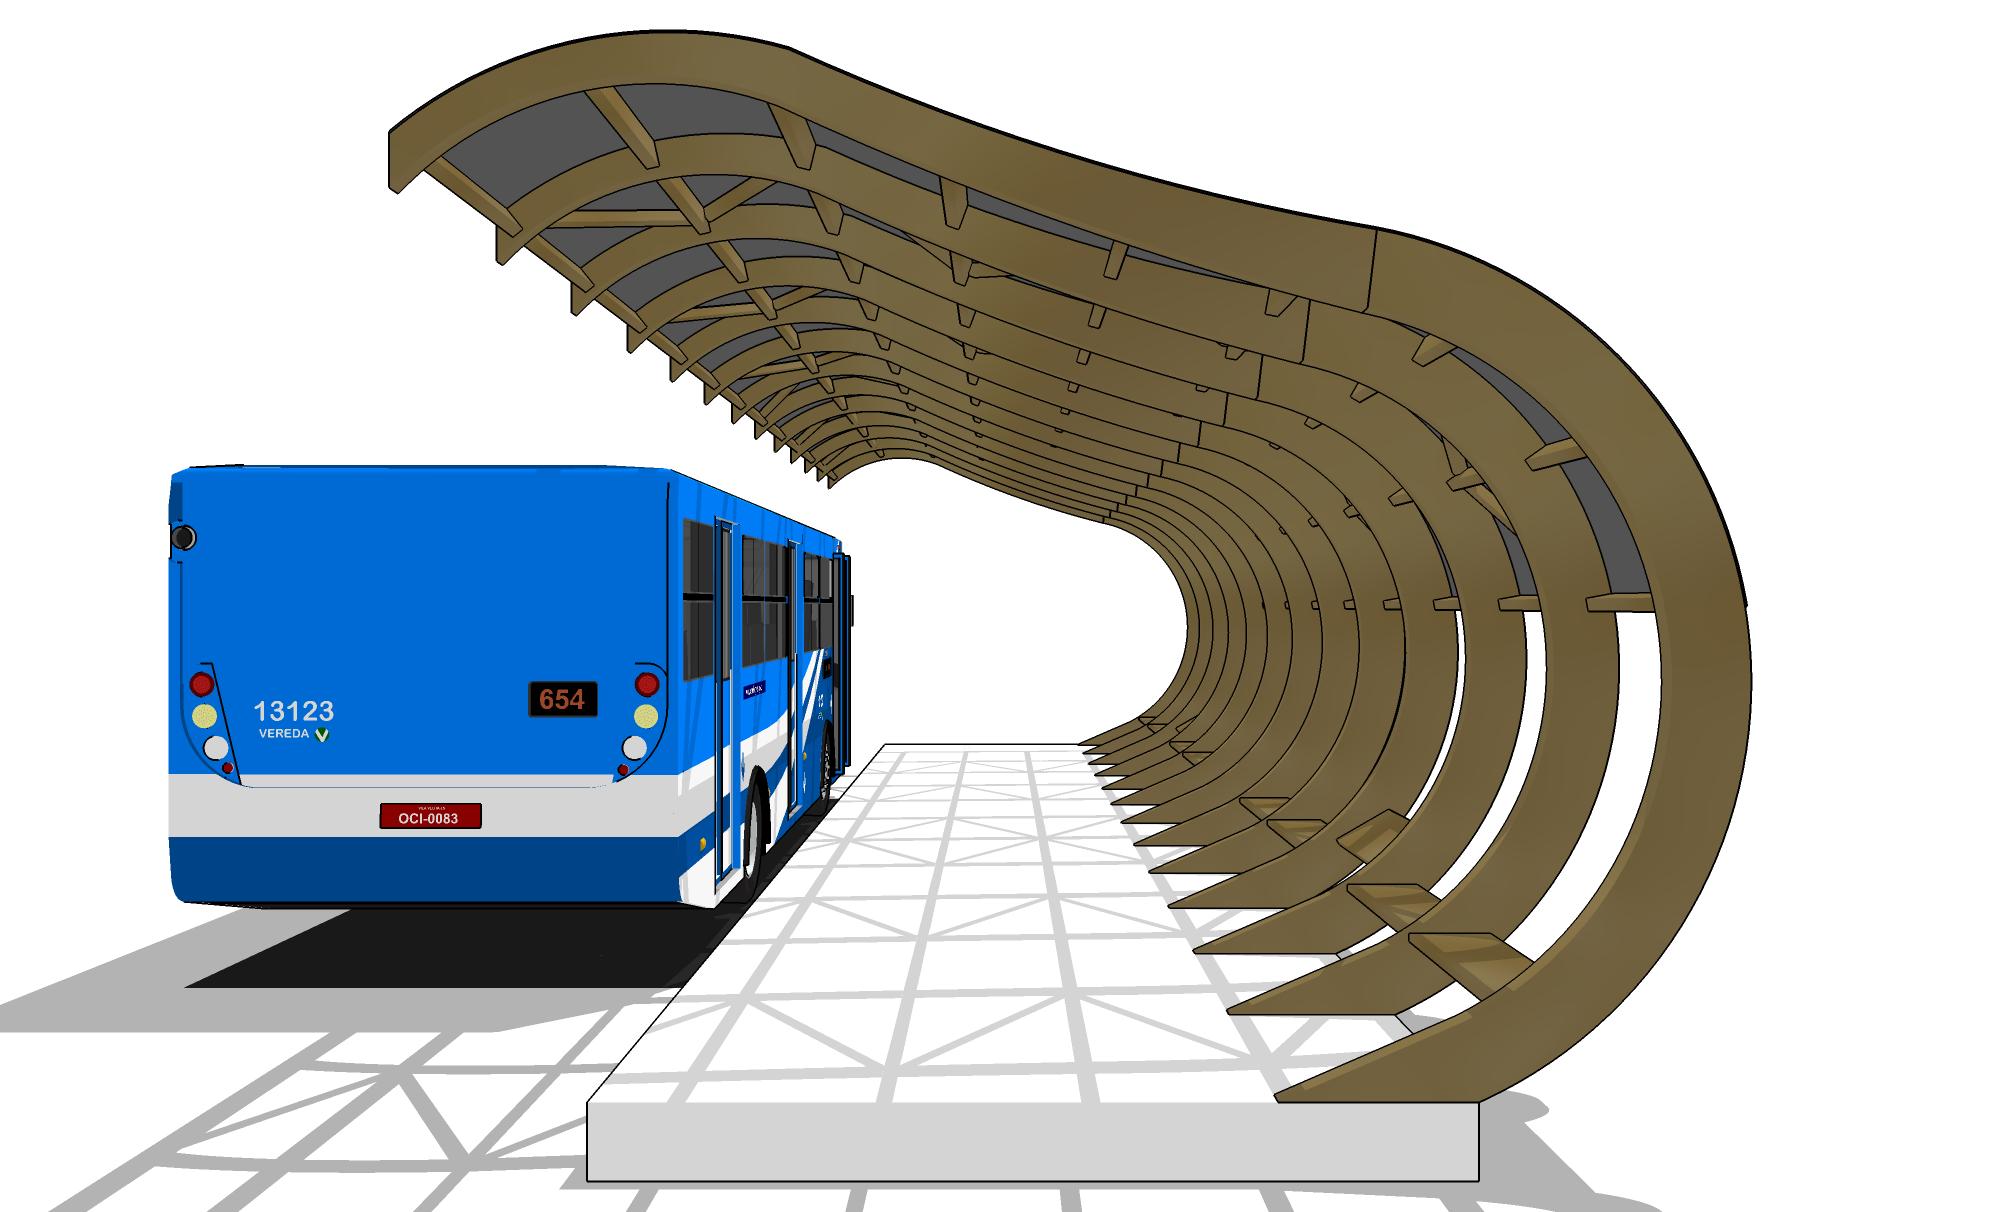 Ponto de ônibus 3